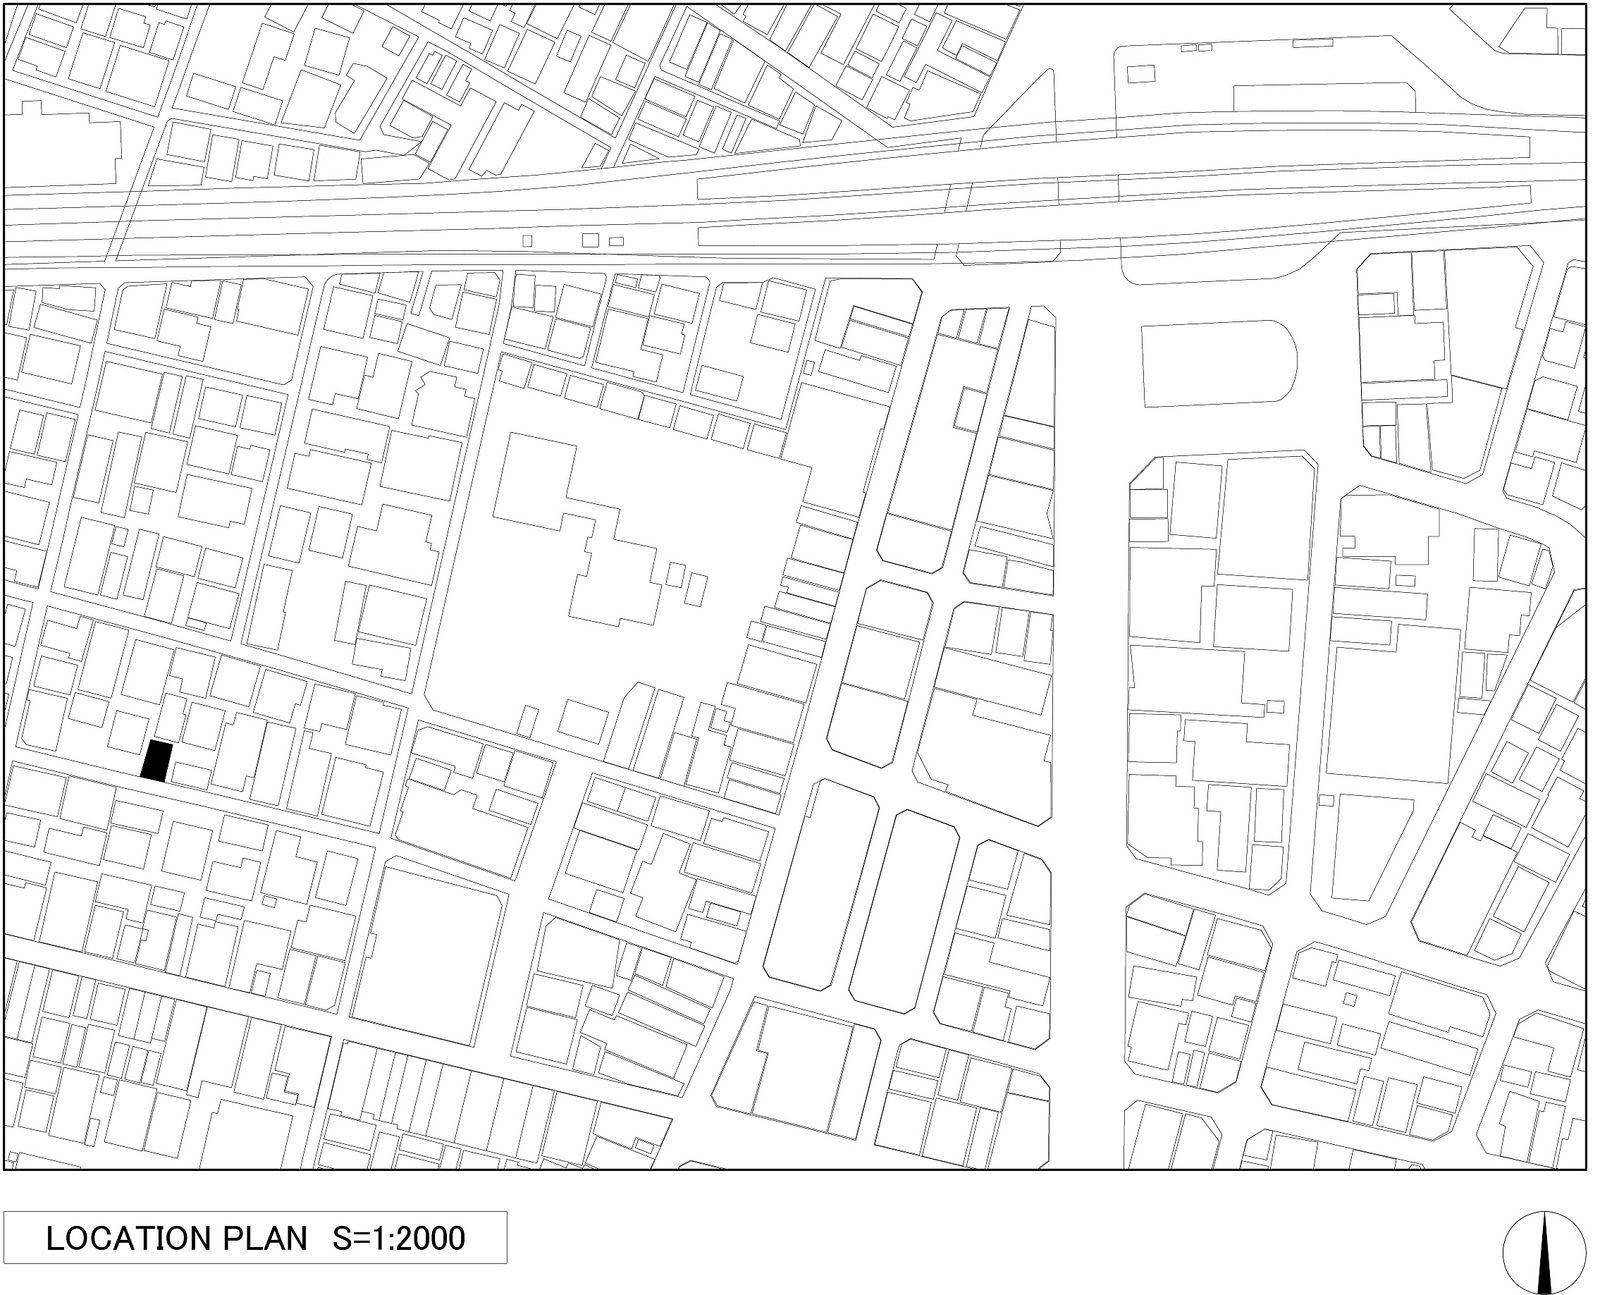 Sou Fujimoto House Na Drawings 02 Site Plan Jpg Sou Fujimoto Architect House Architect